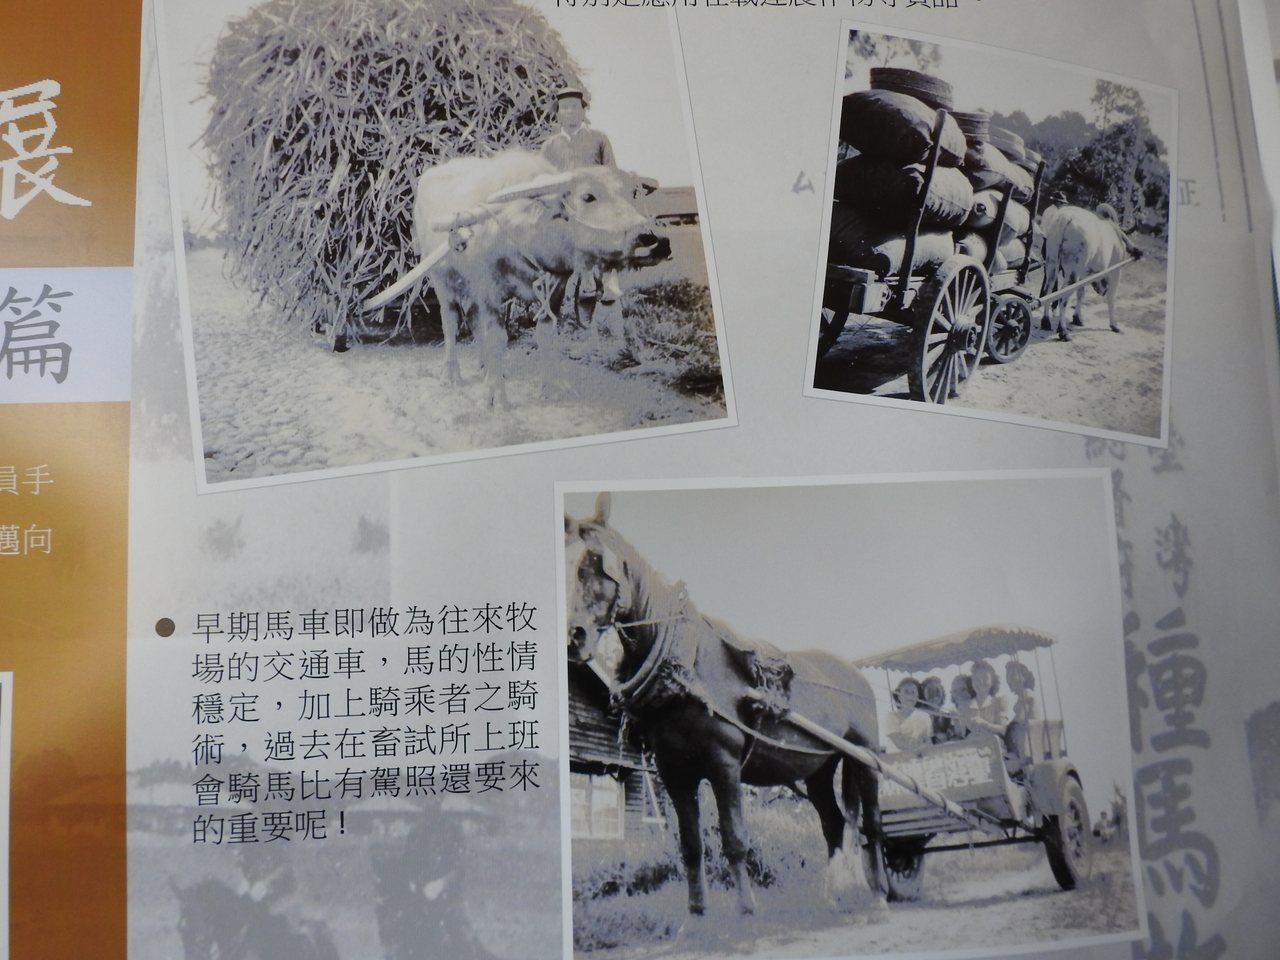 新化牧場老照片展,可看出早年以馬、牛車為主要代步工具。記者吳淑玲/翻攝